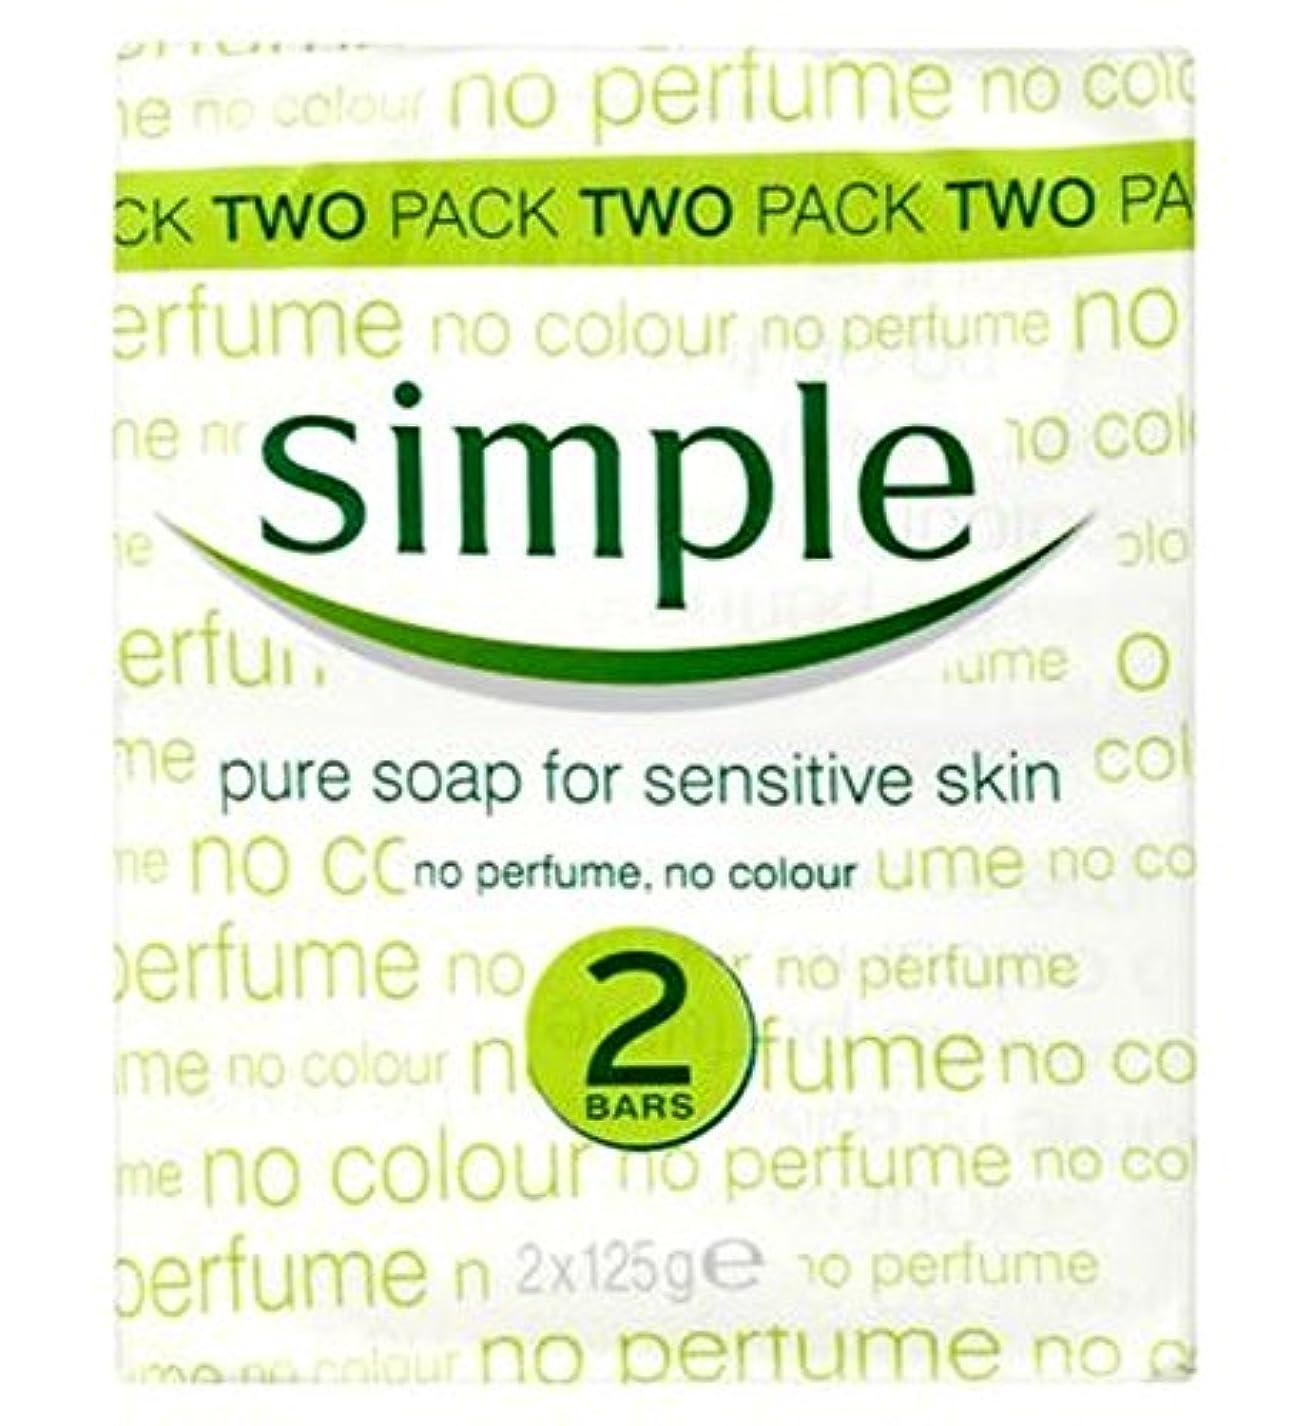 表向き処分した泳ぐSimple Pure Soap Bar for Sensitive Skin 2 x 125g - 敏感肌2のX 125グラムのためのシンプルな、純粋な石鹸バー (Simple) [並行輸入品]